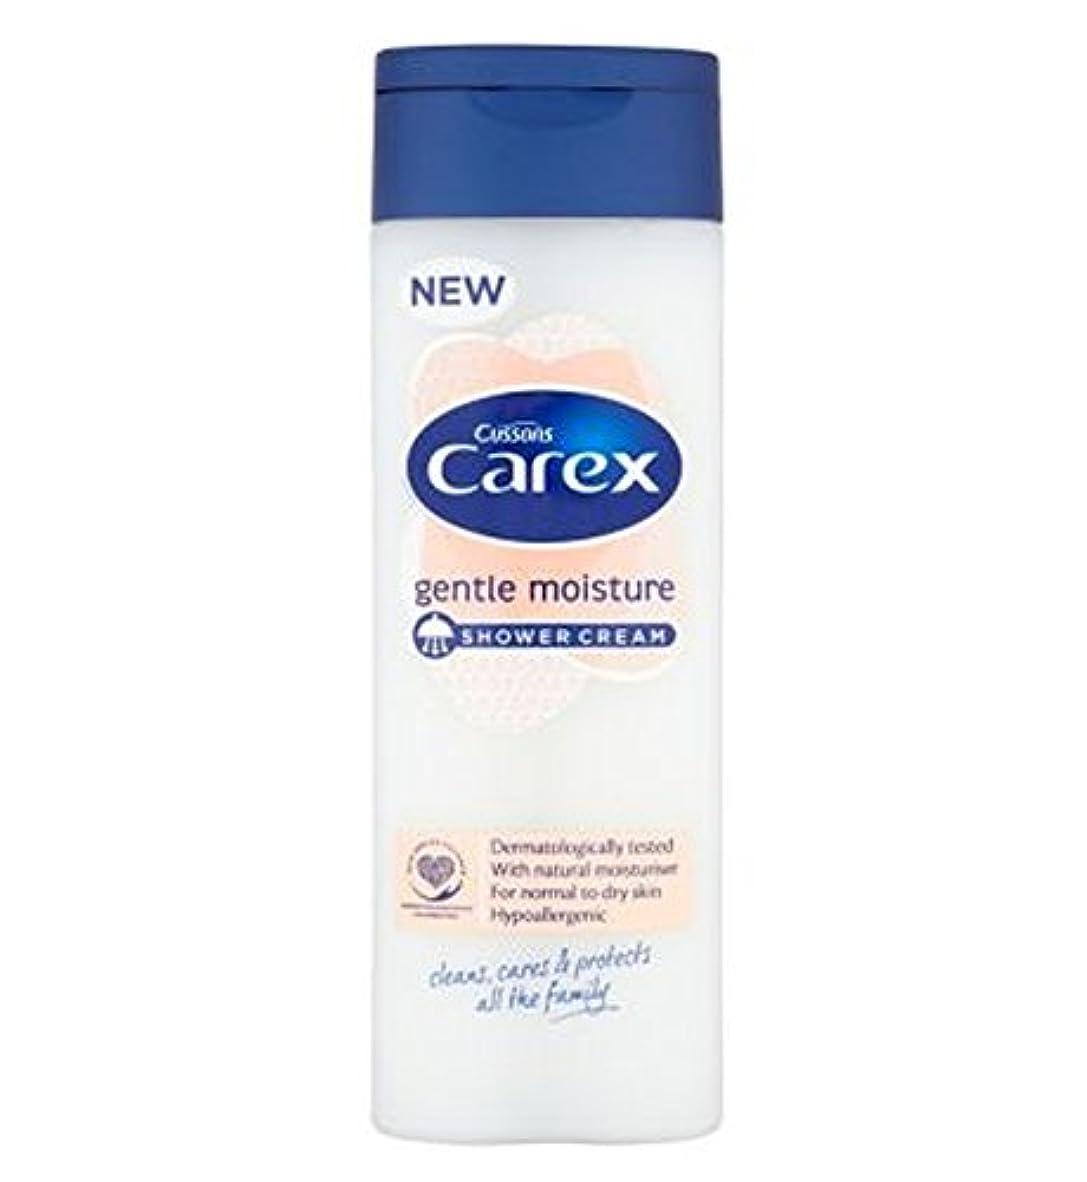 する証人ミッションスゲ属穏やかな水分シャワークリーム250ミリリットル (Carex) (x2) - Carex Gentle Moisture Shower Cream 250ml (Pack of 2) [並行輸入品]